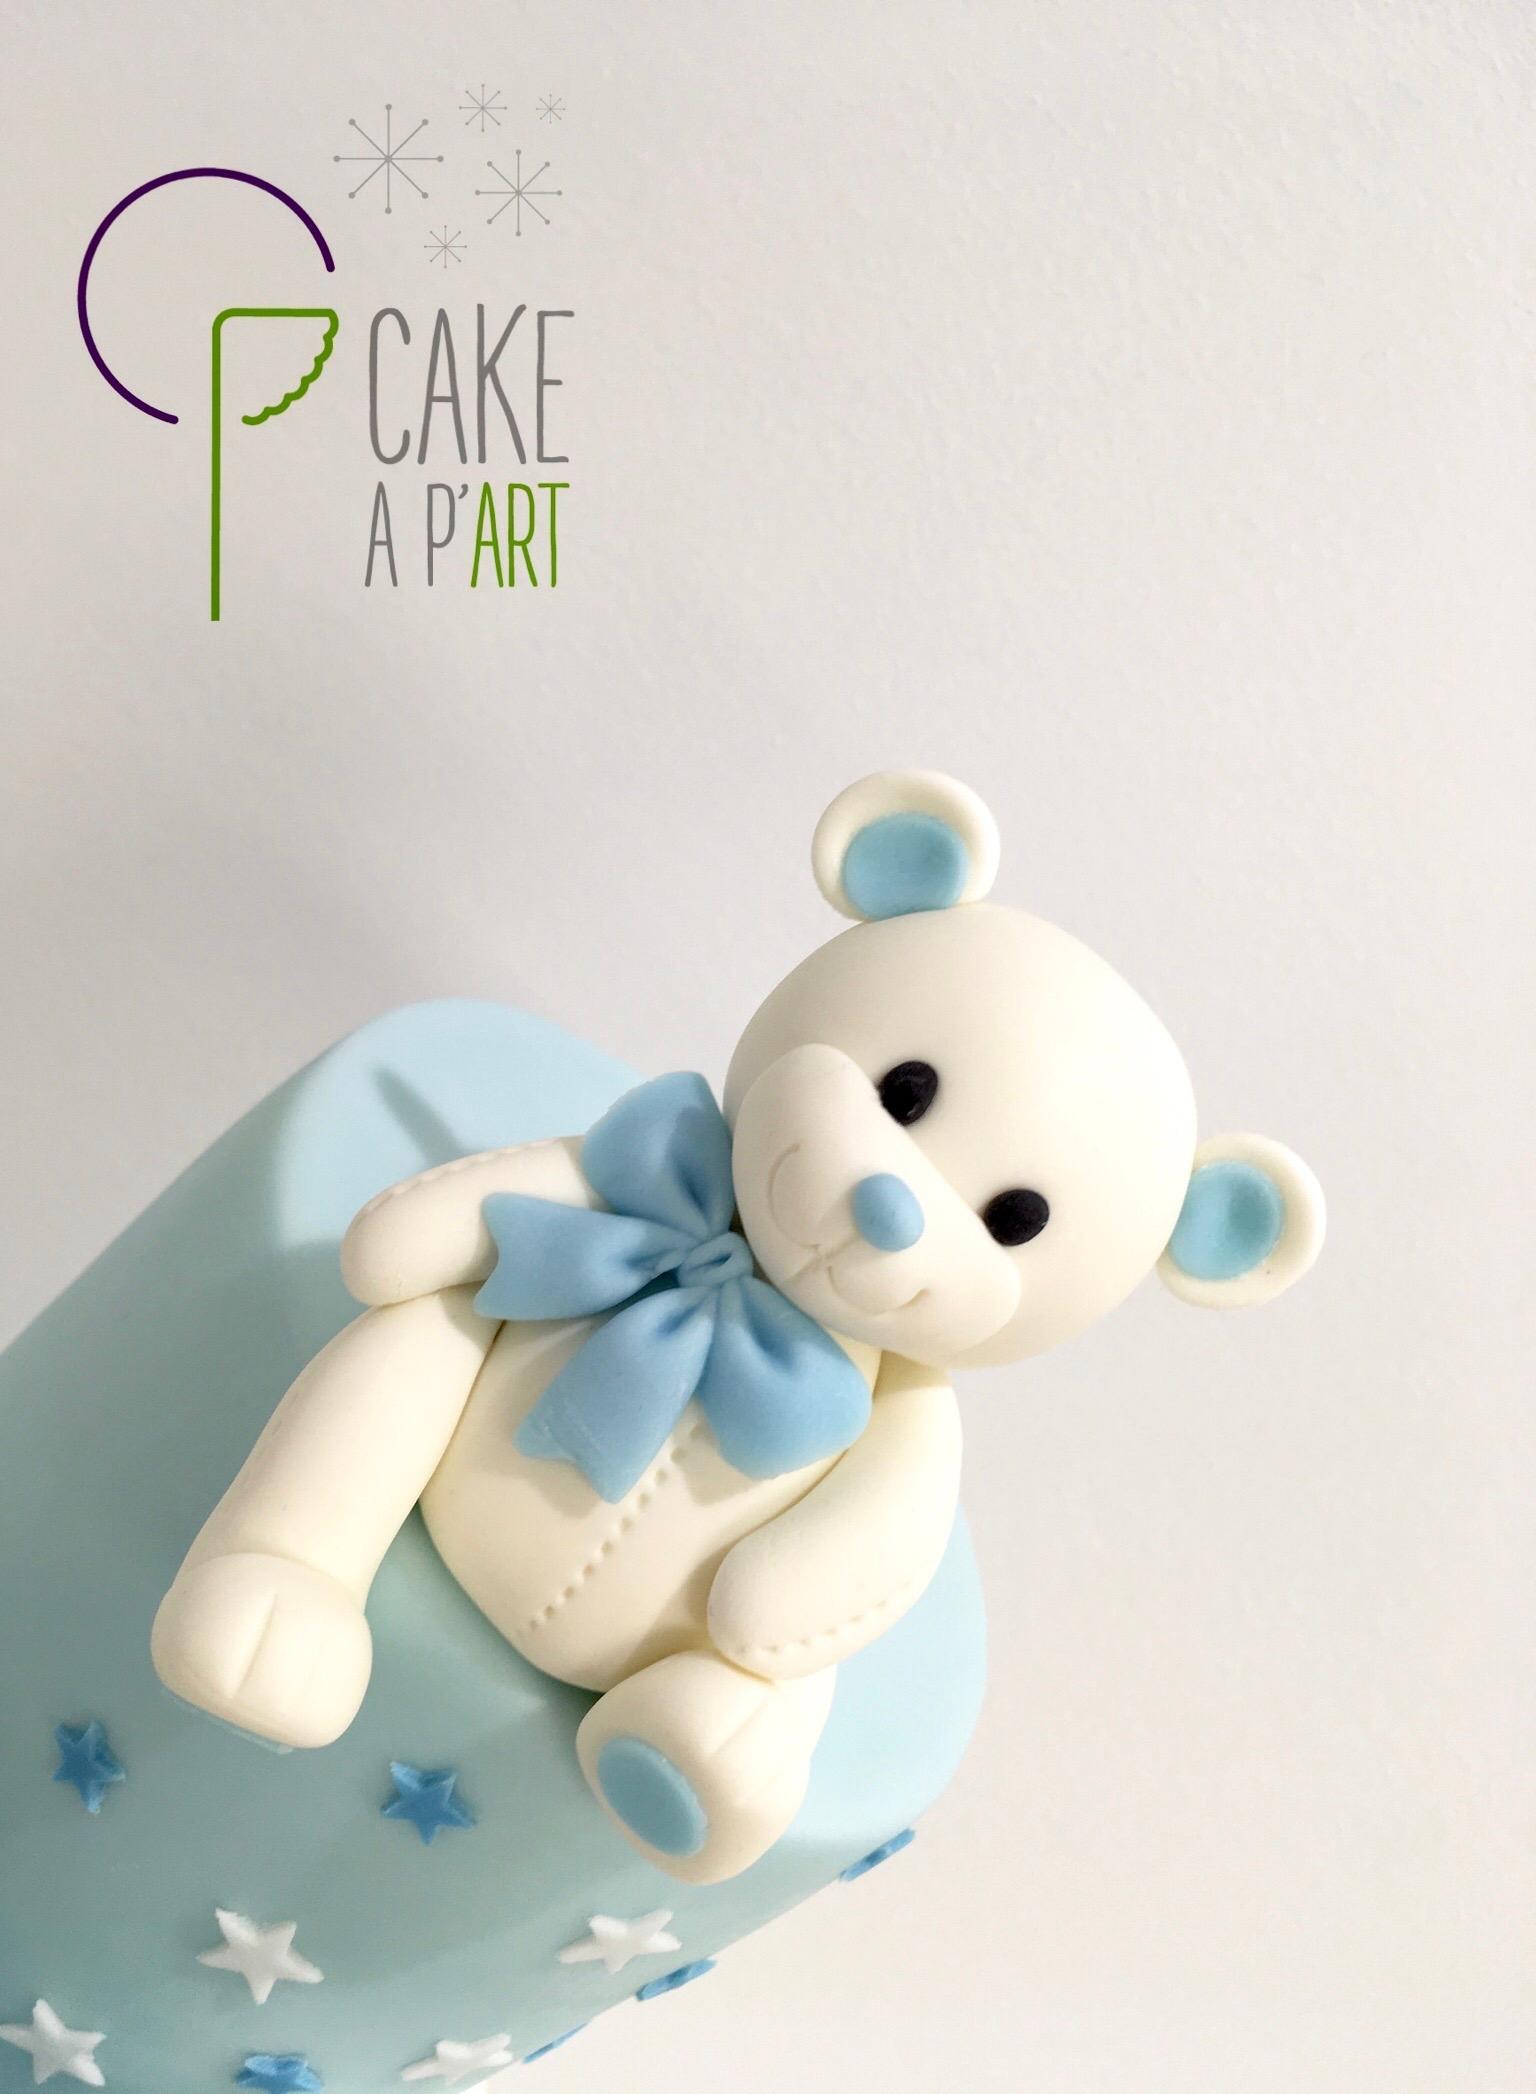 Décor modelage en sucre gâteaux personnalisés - Babyshower Thème Ourson bleu